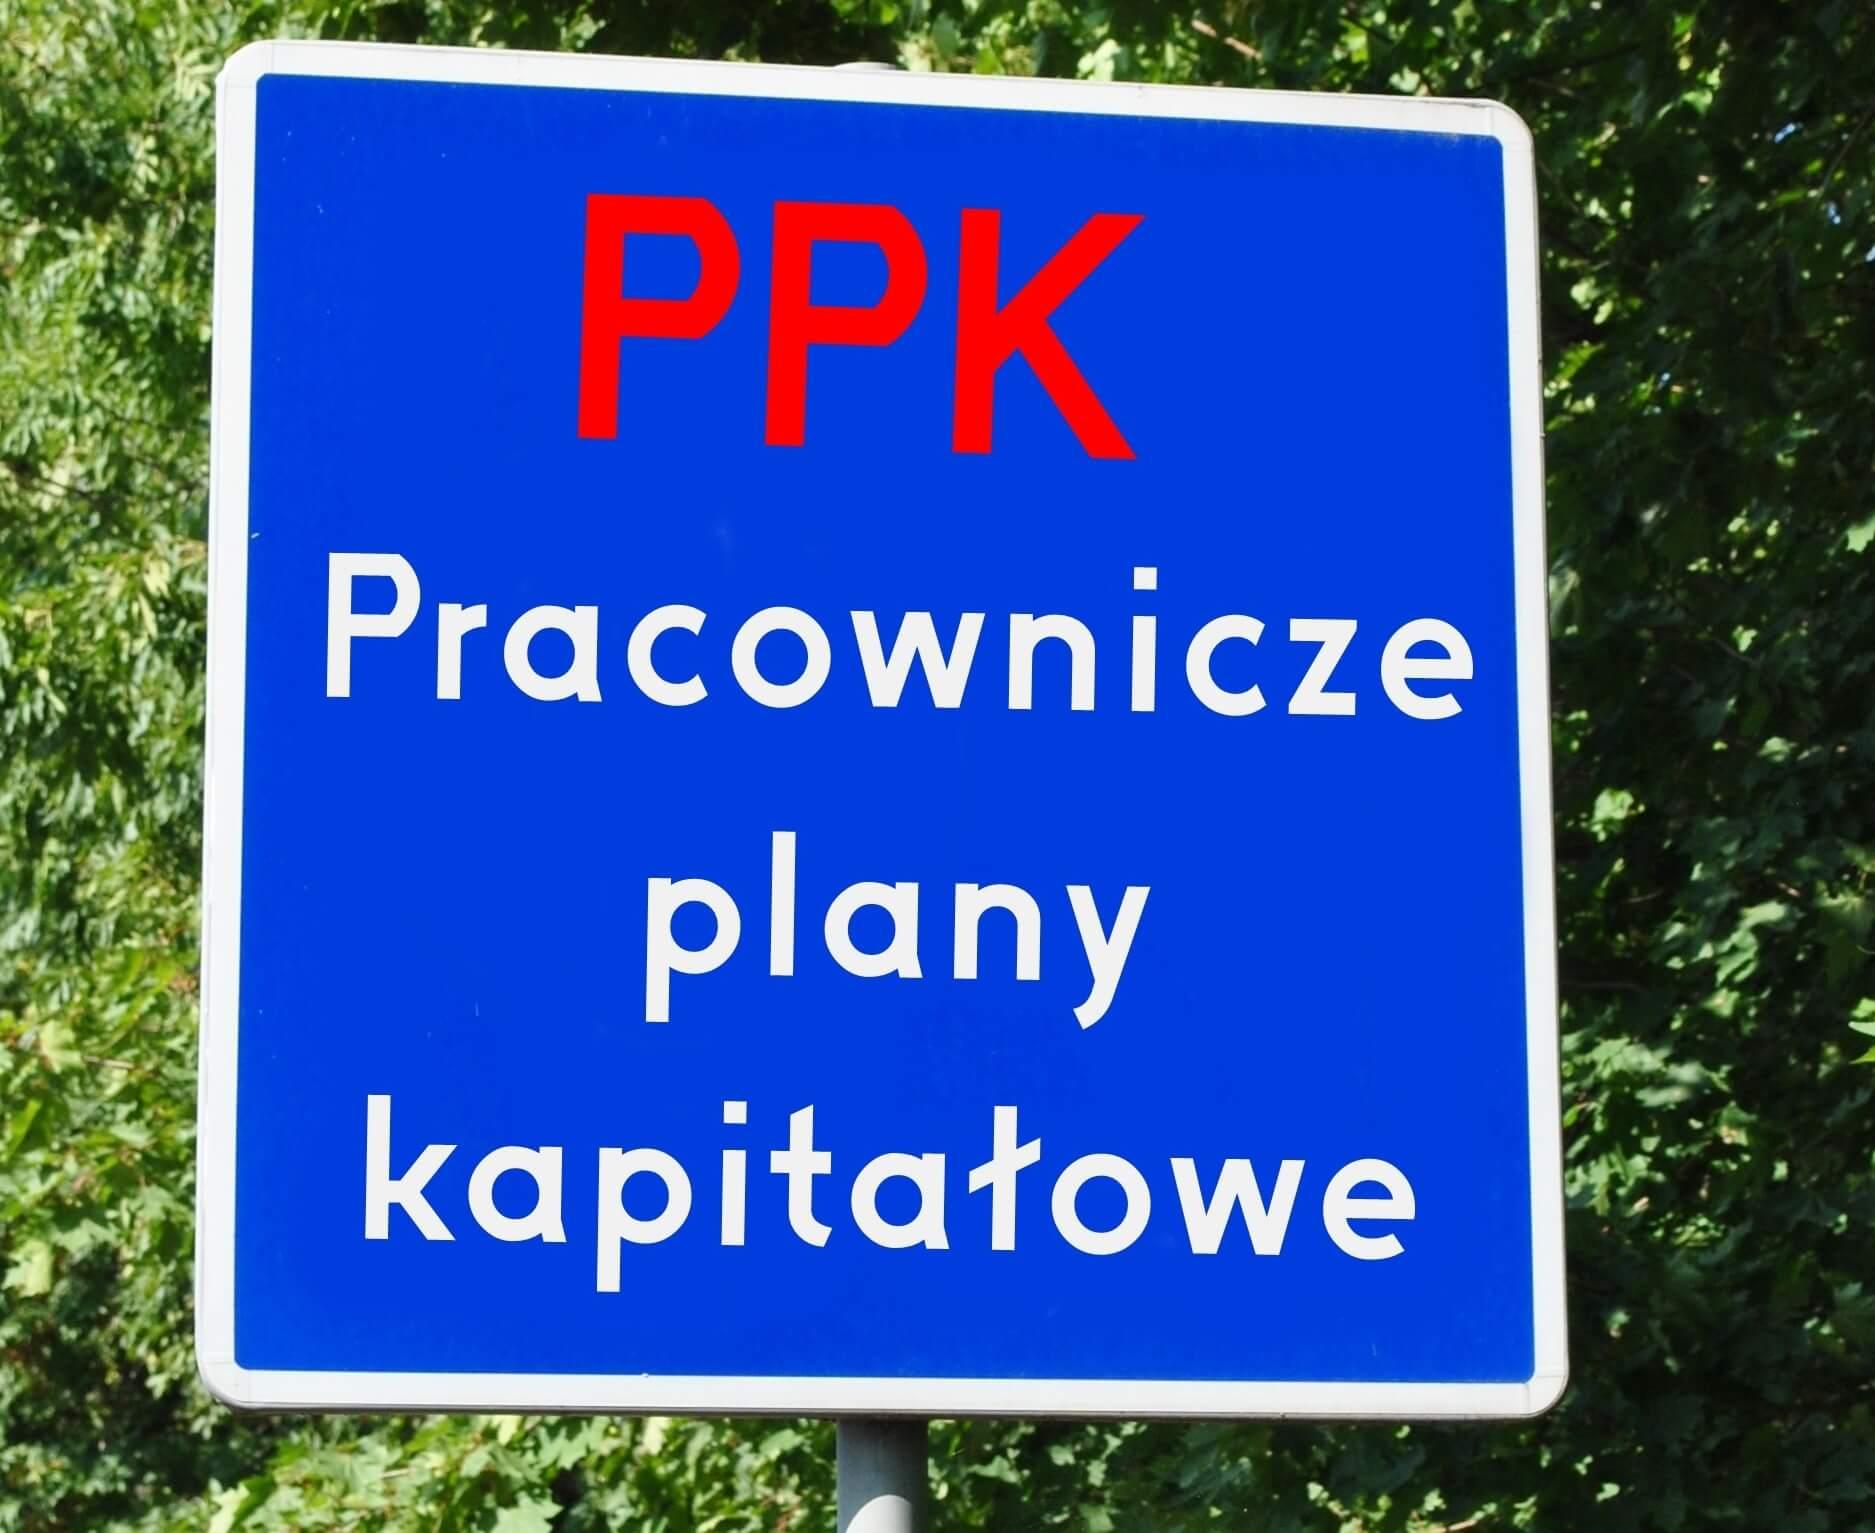 """PPK Pracownicze Plany Kapitałowe, czyli """"niechcem ale muszem"""""""